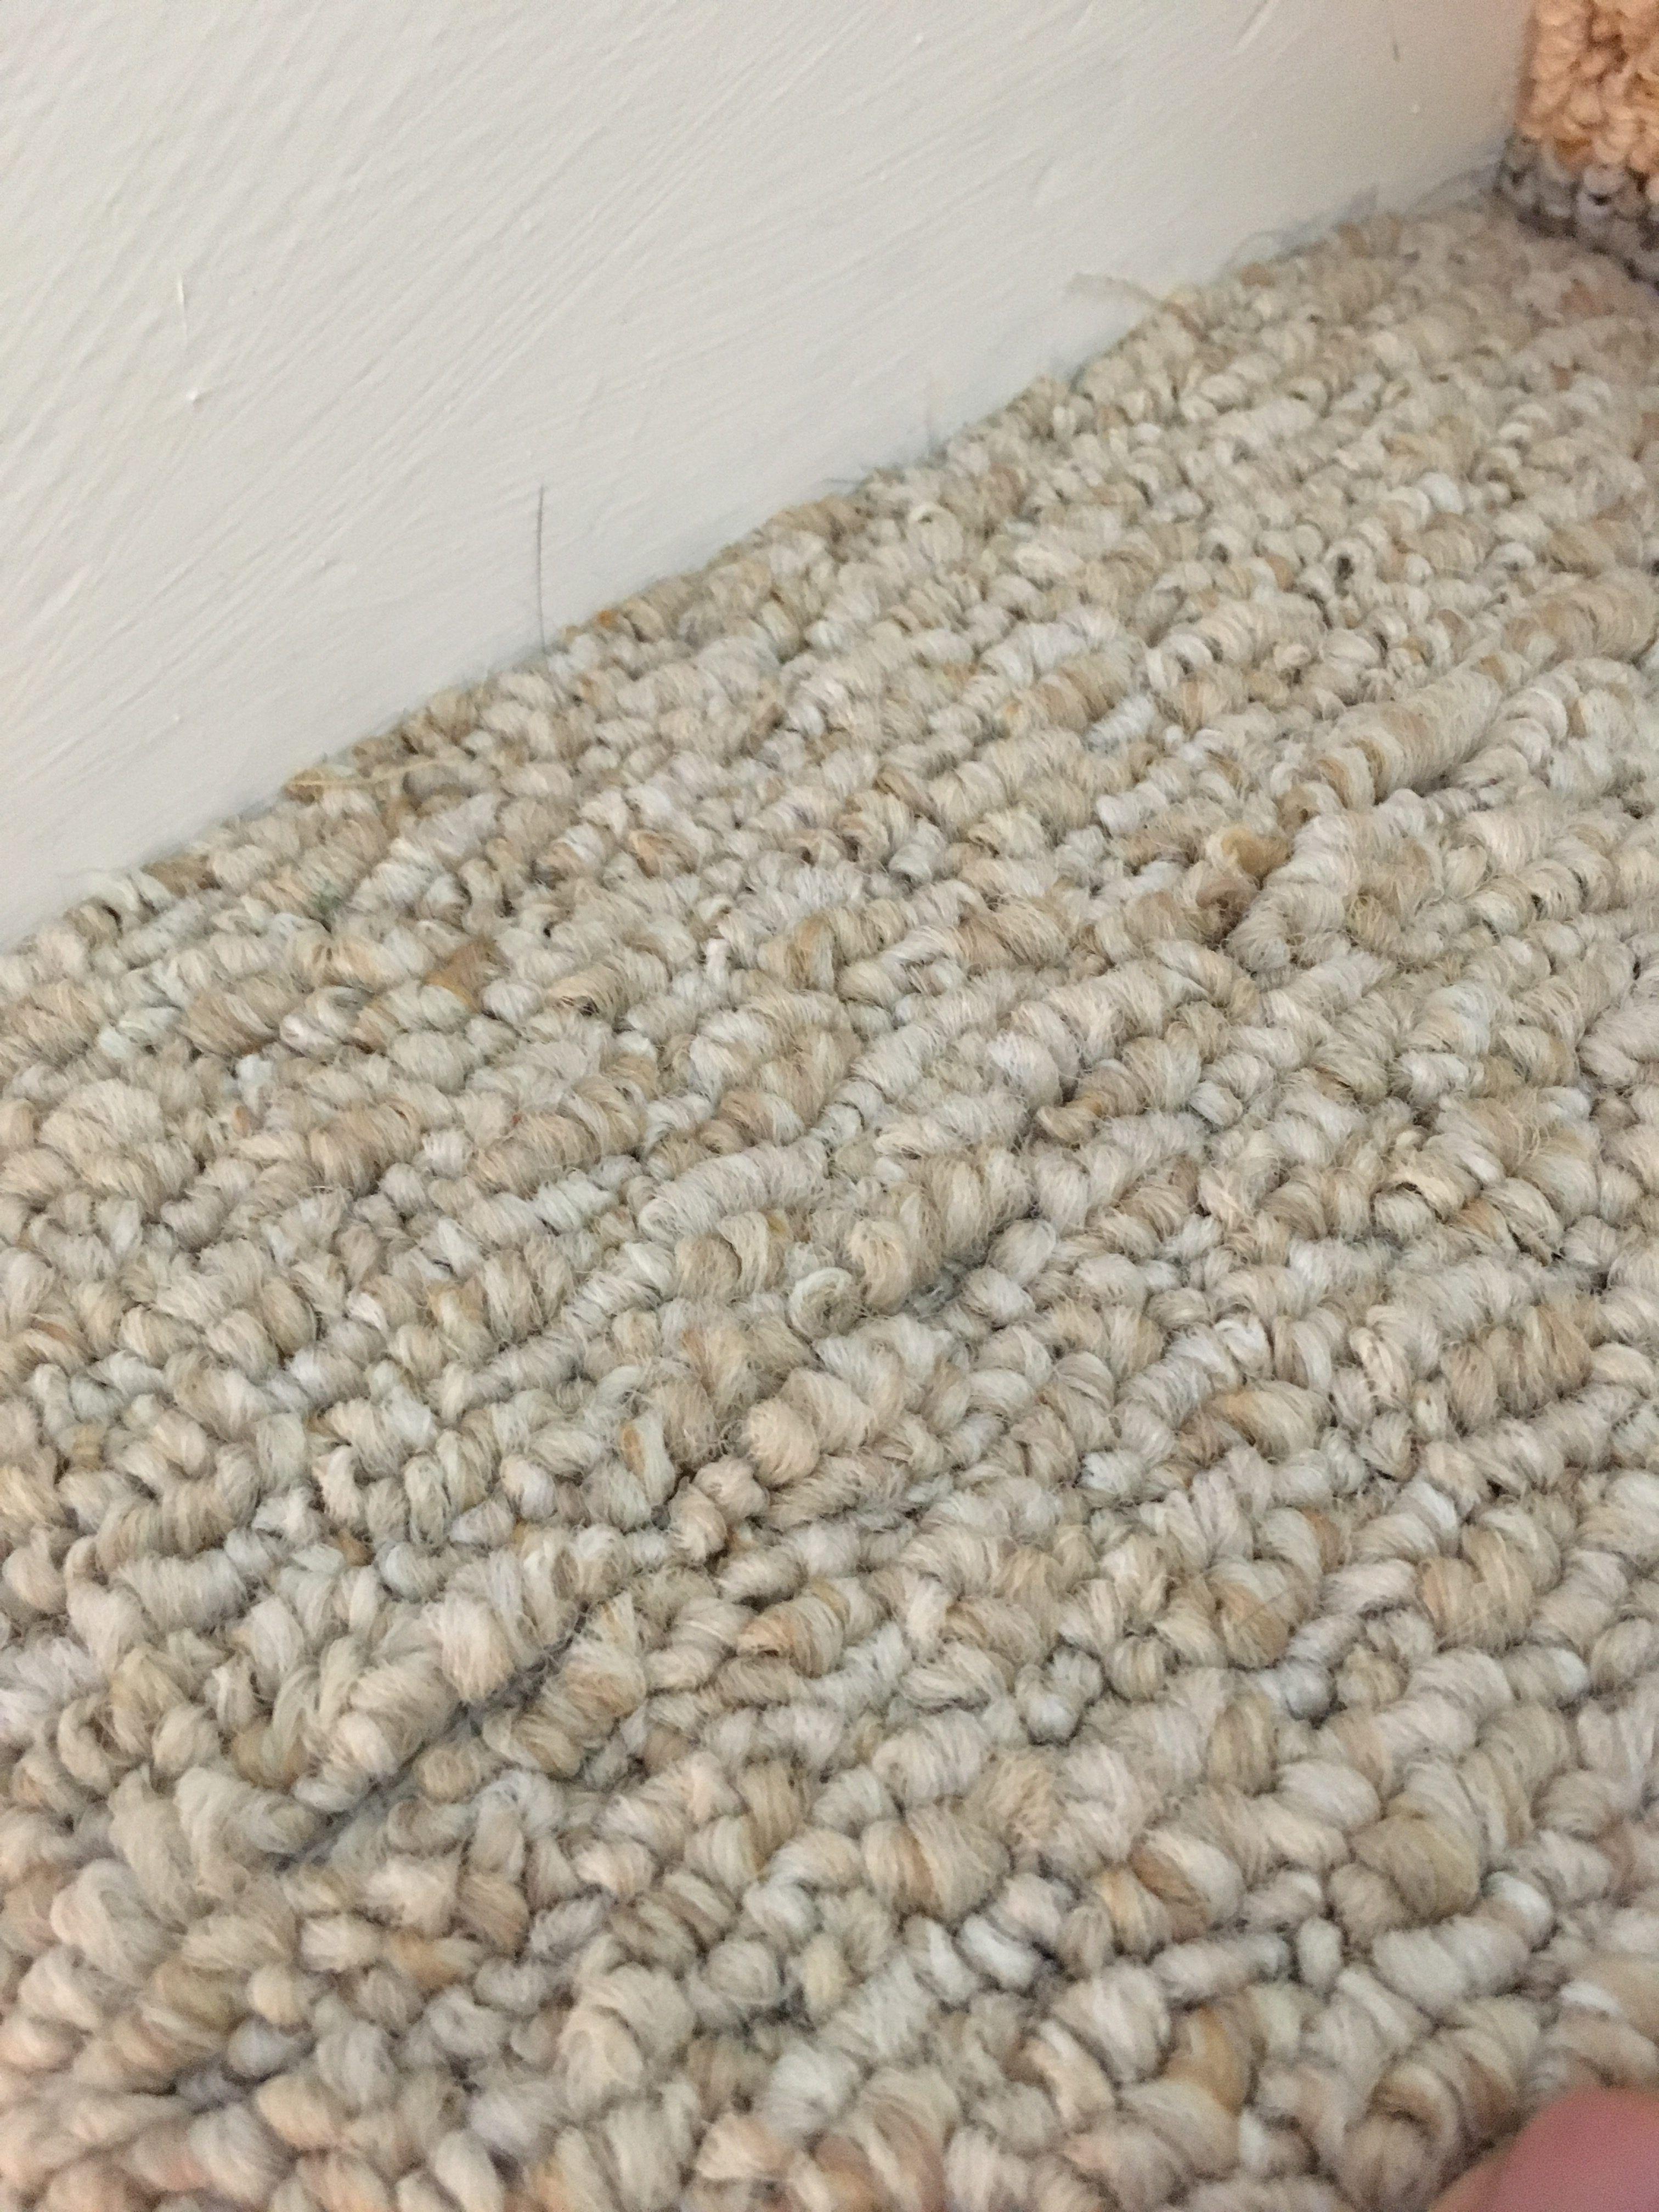 Vinyl Floor Tile Seam Sealer Httpnextsoft21 Pinterest